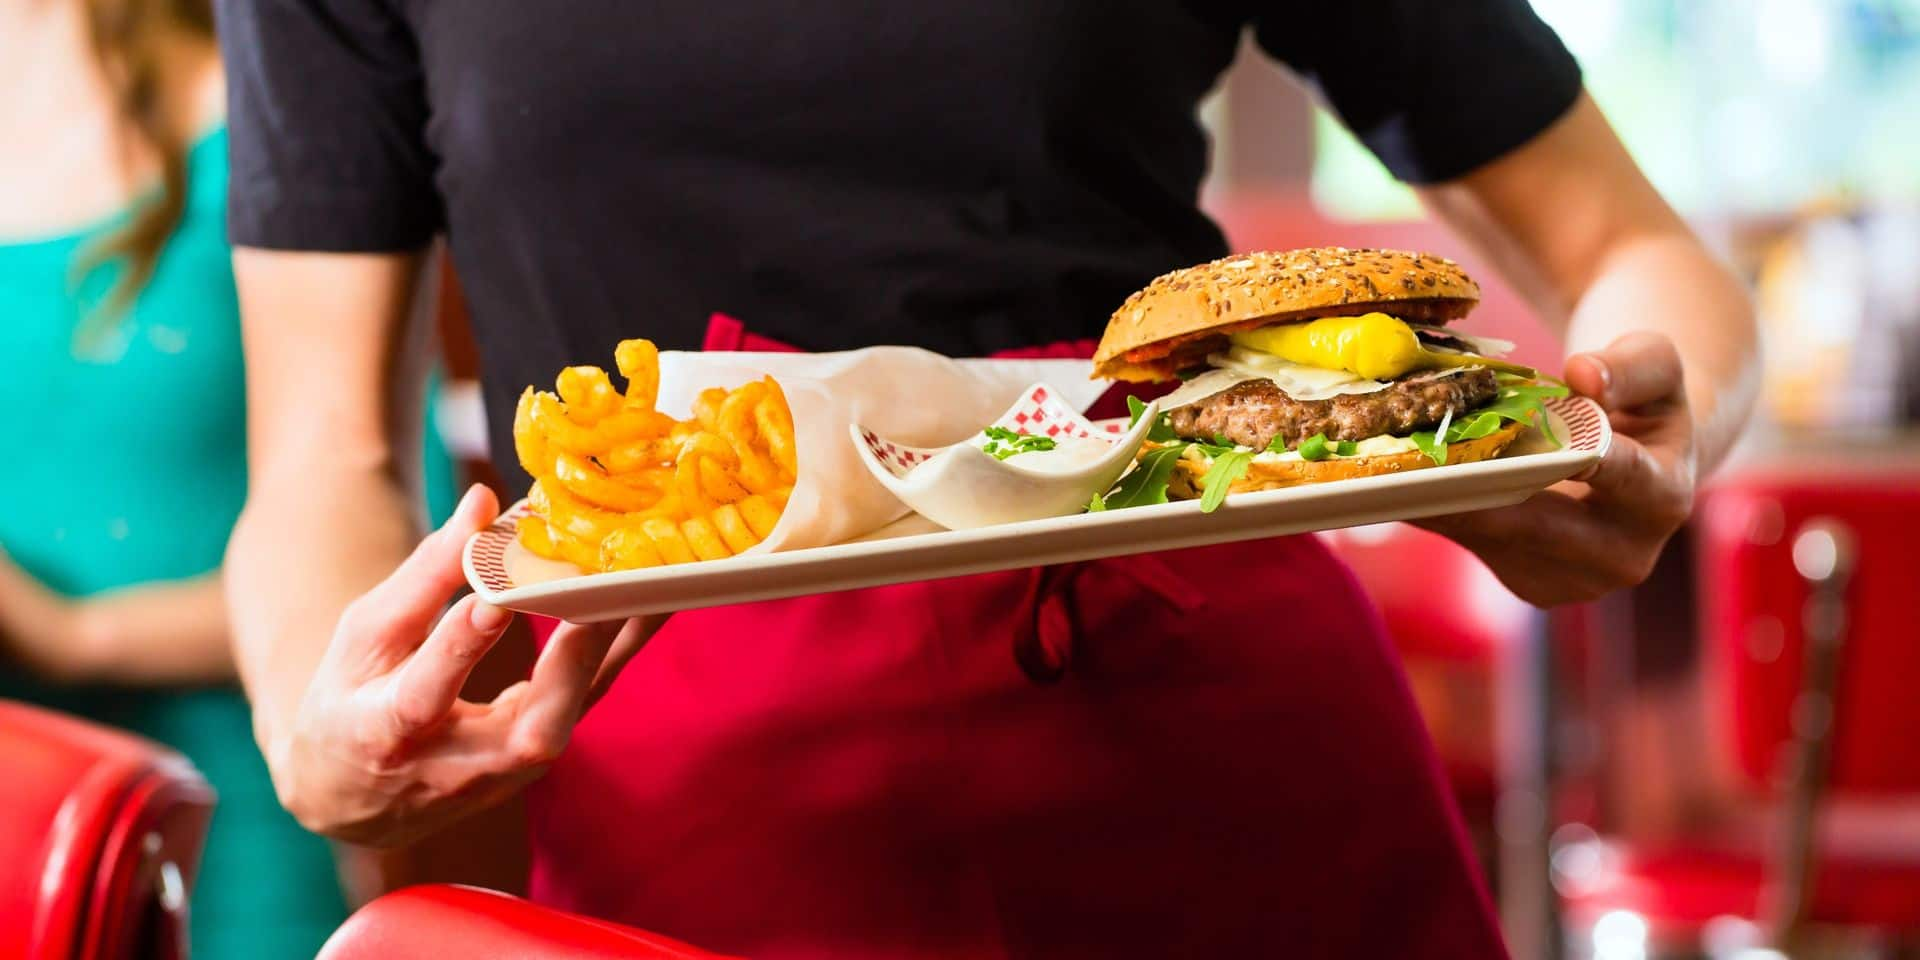 Vous ne devrez plus débarrasser chez Quick, McDo ou Burger King : comment les fast-foods se réorganisent pour lundi